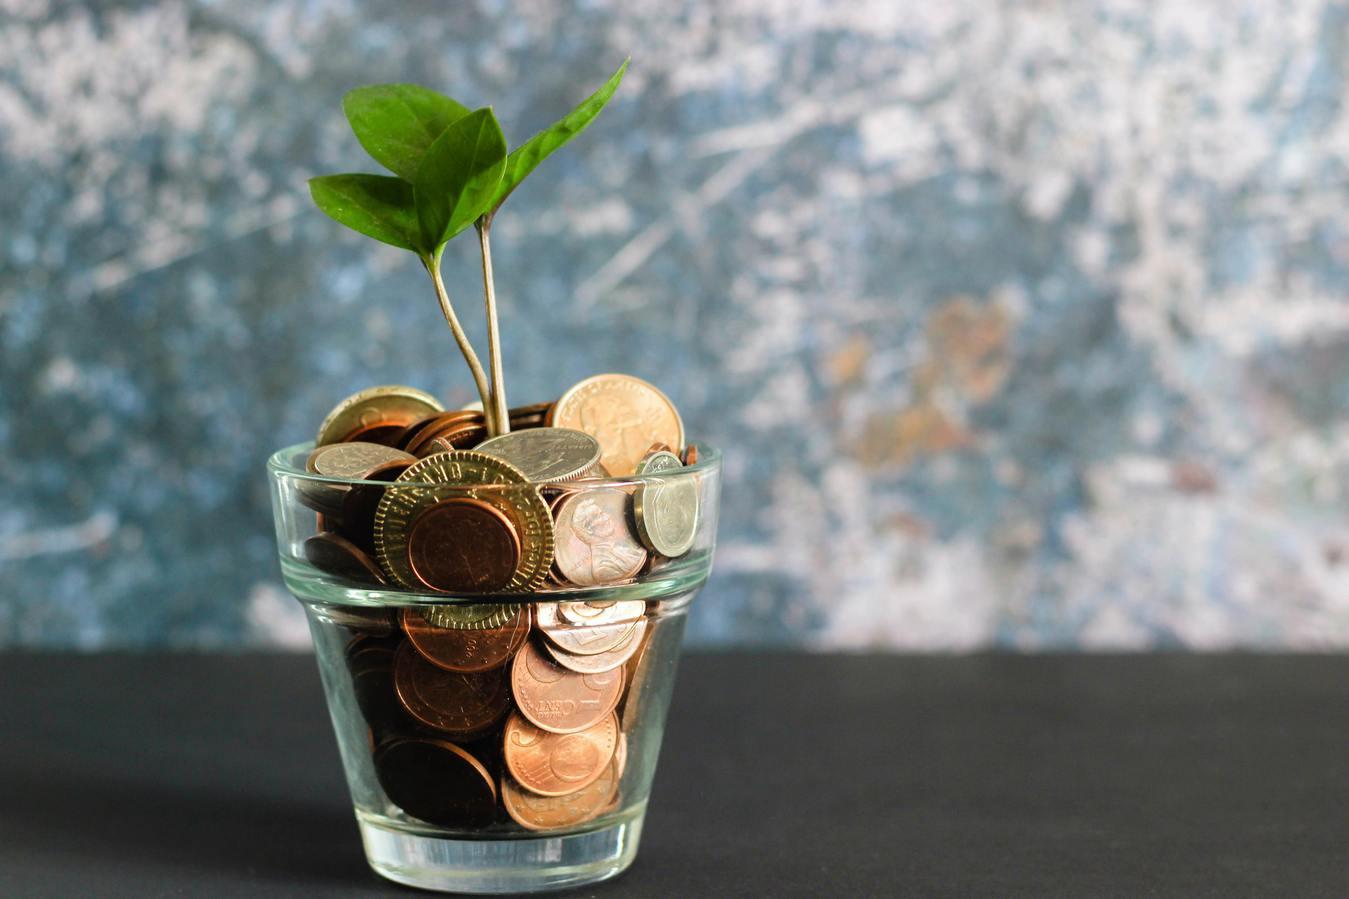 Une plante qui pousse dans un verre avec de l'argent